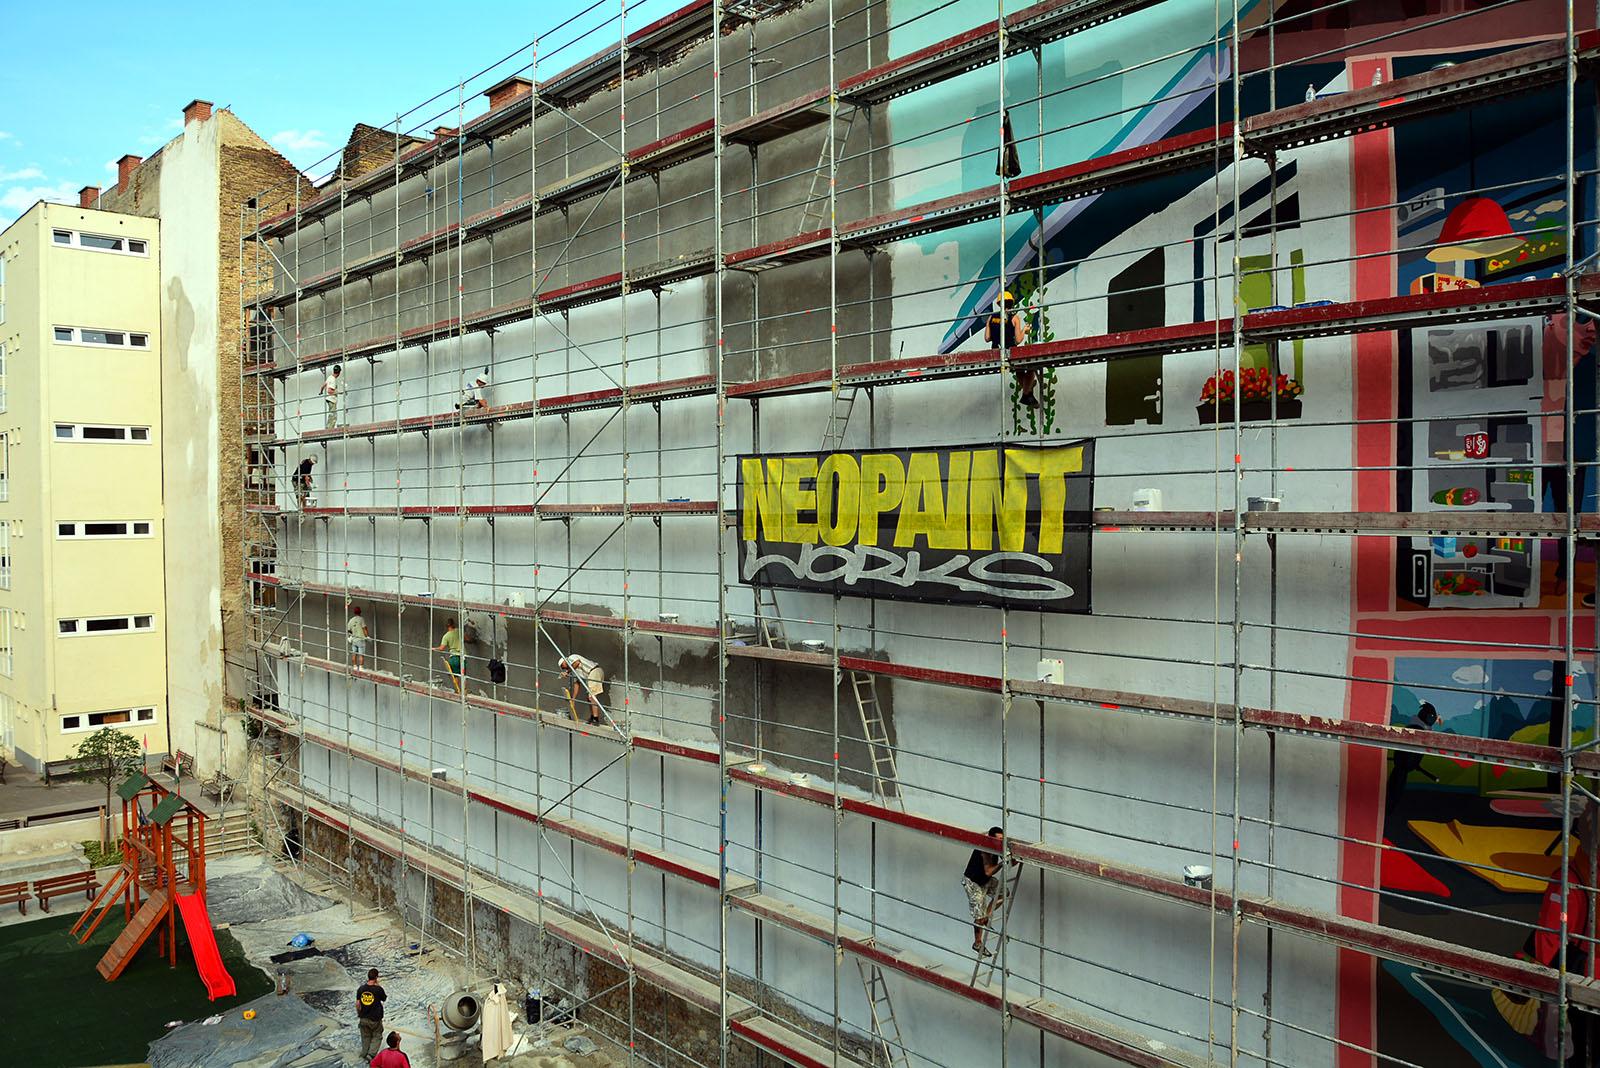 neopaint works - tűzfalfestés - falfestmény - dekorációs festés - graffiti (36)